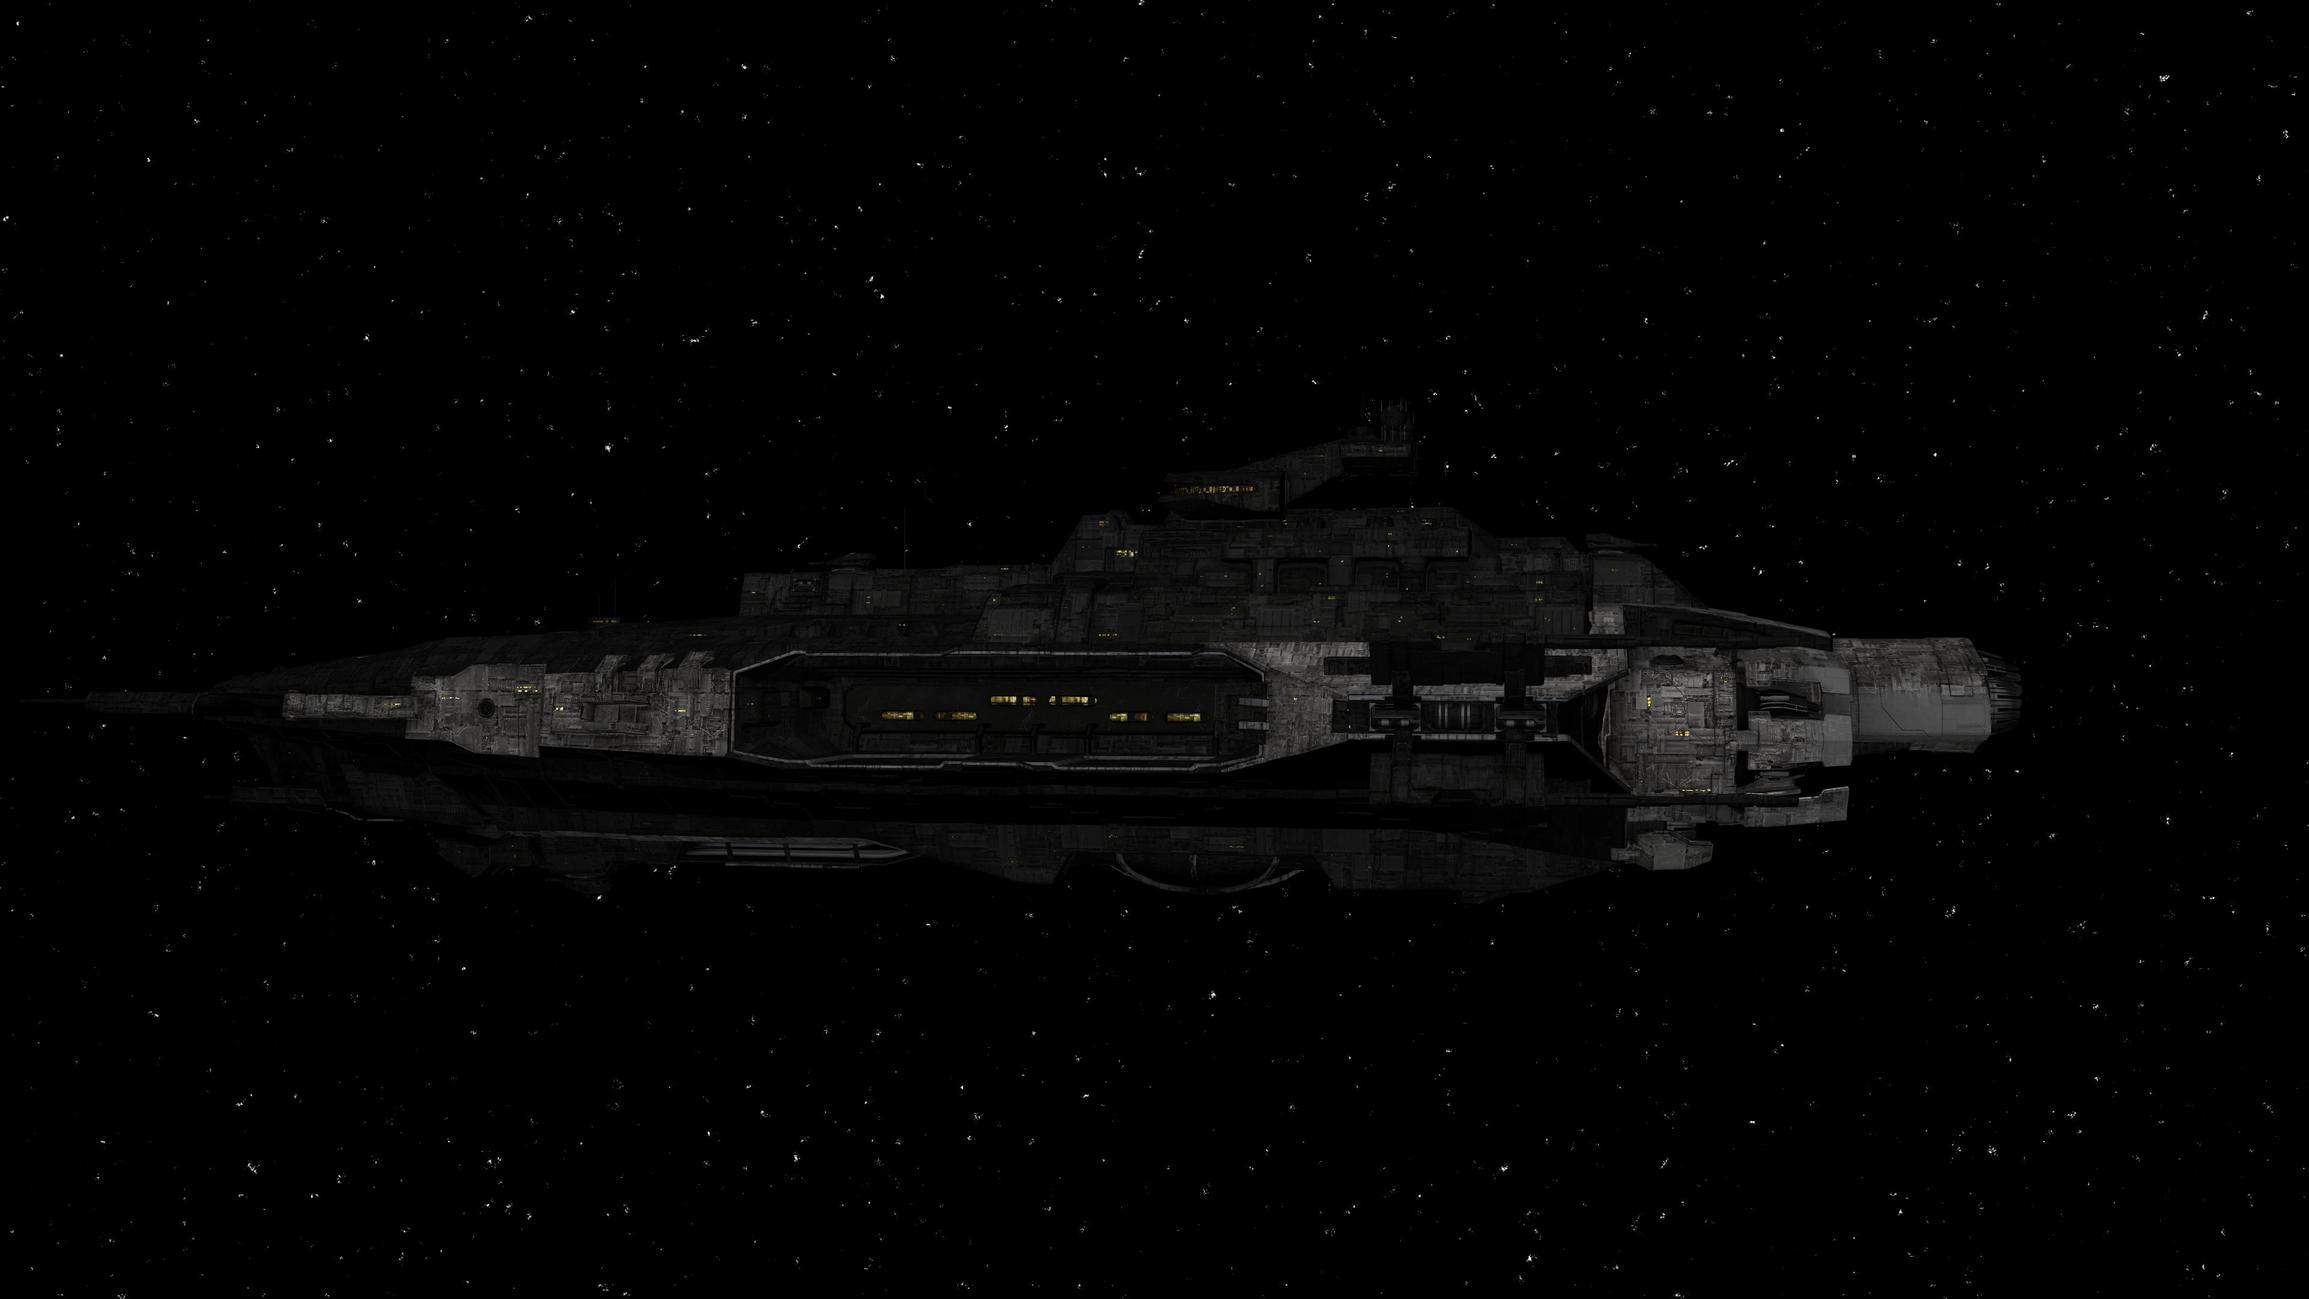 war ship-00;00;00;00.jpg